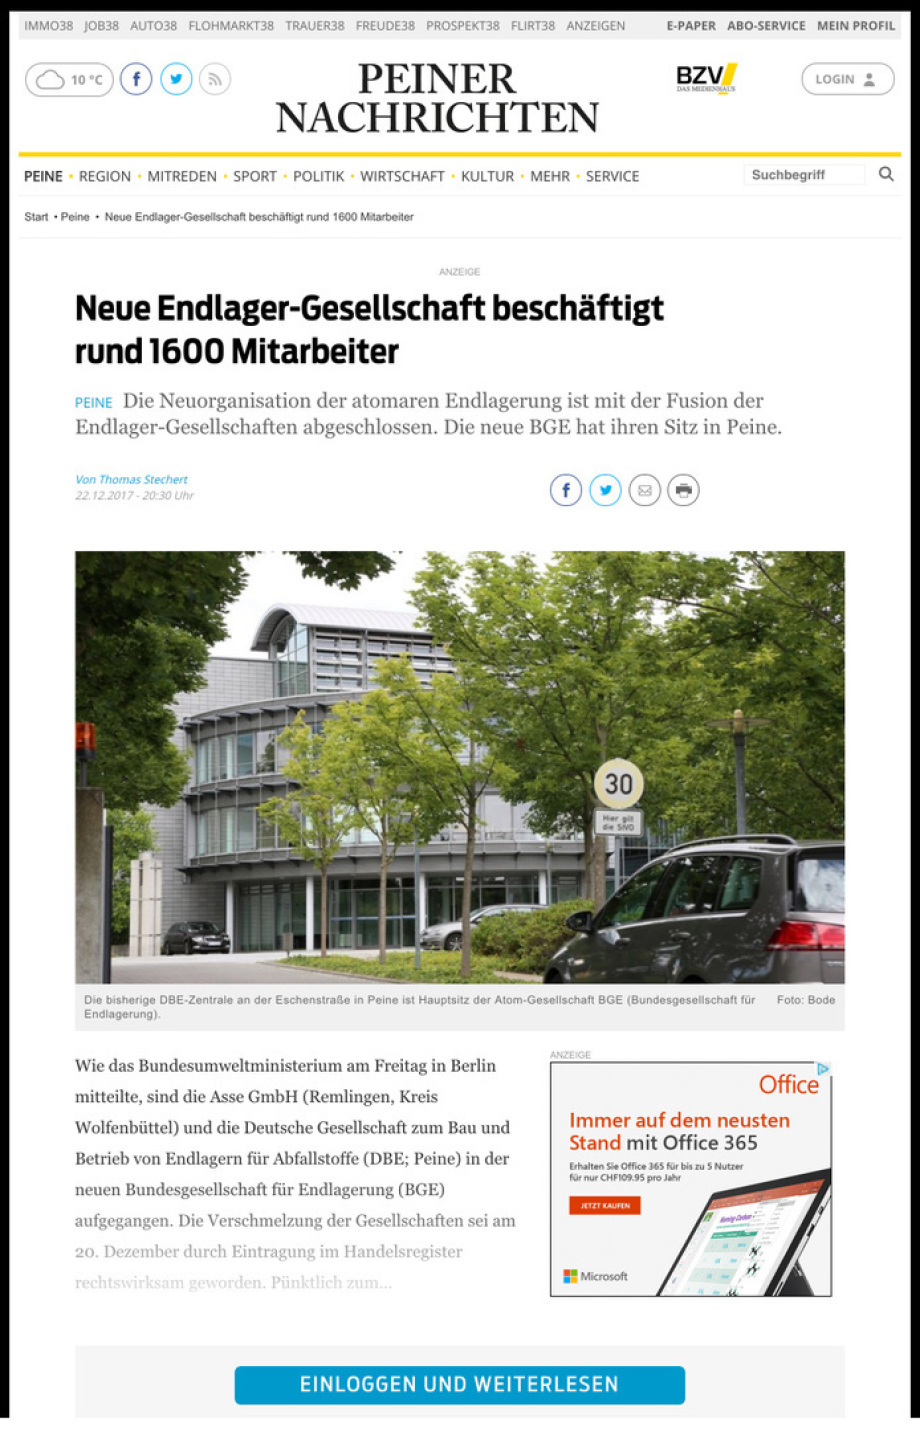 BGE GmbH ist DBE GmbH - die gleichen Leute die es seit 37 Jahren nicht leisten - hoffnungslos